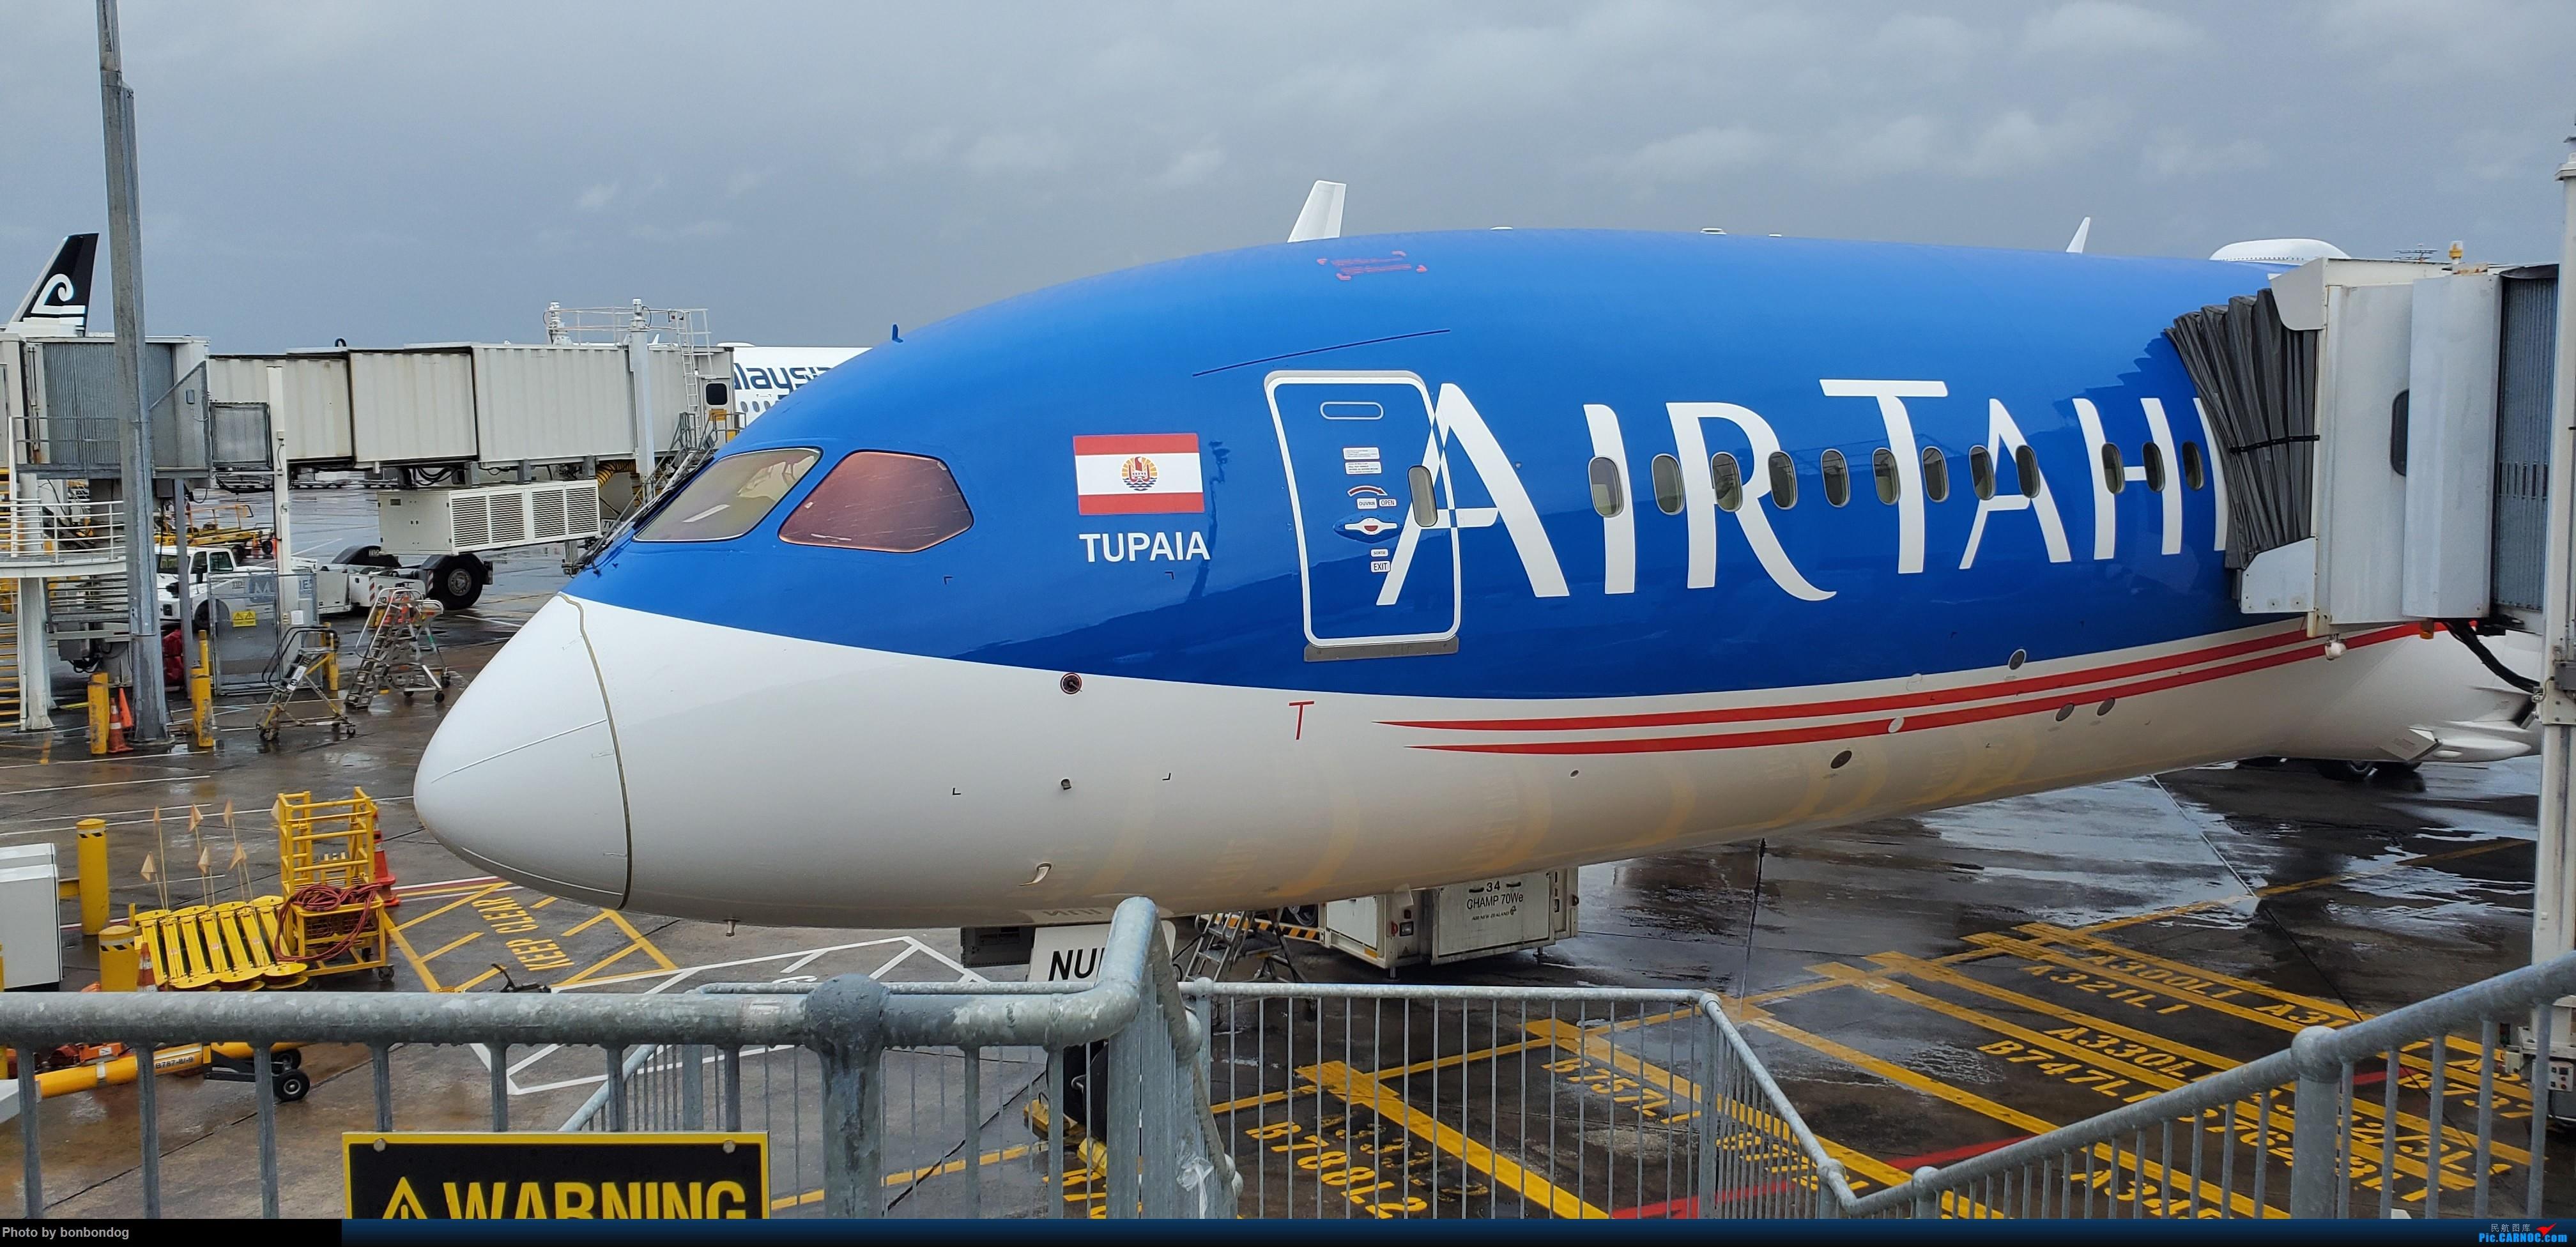 [原创]AIR TAHITI AKL-PPT LATAM PPT-IPC-SCL-AKL BOEING 787-9 FONUI 新西兰奥克兰机场